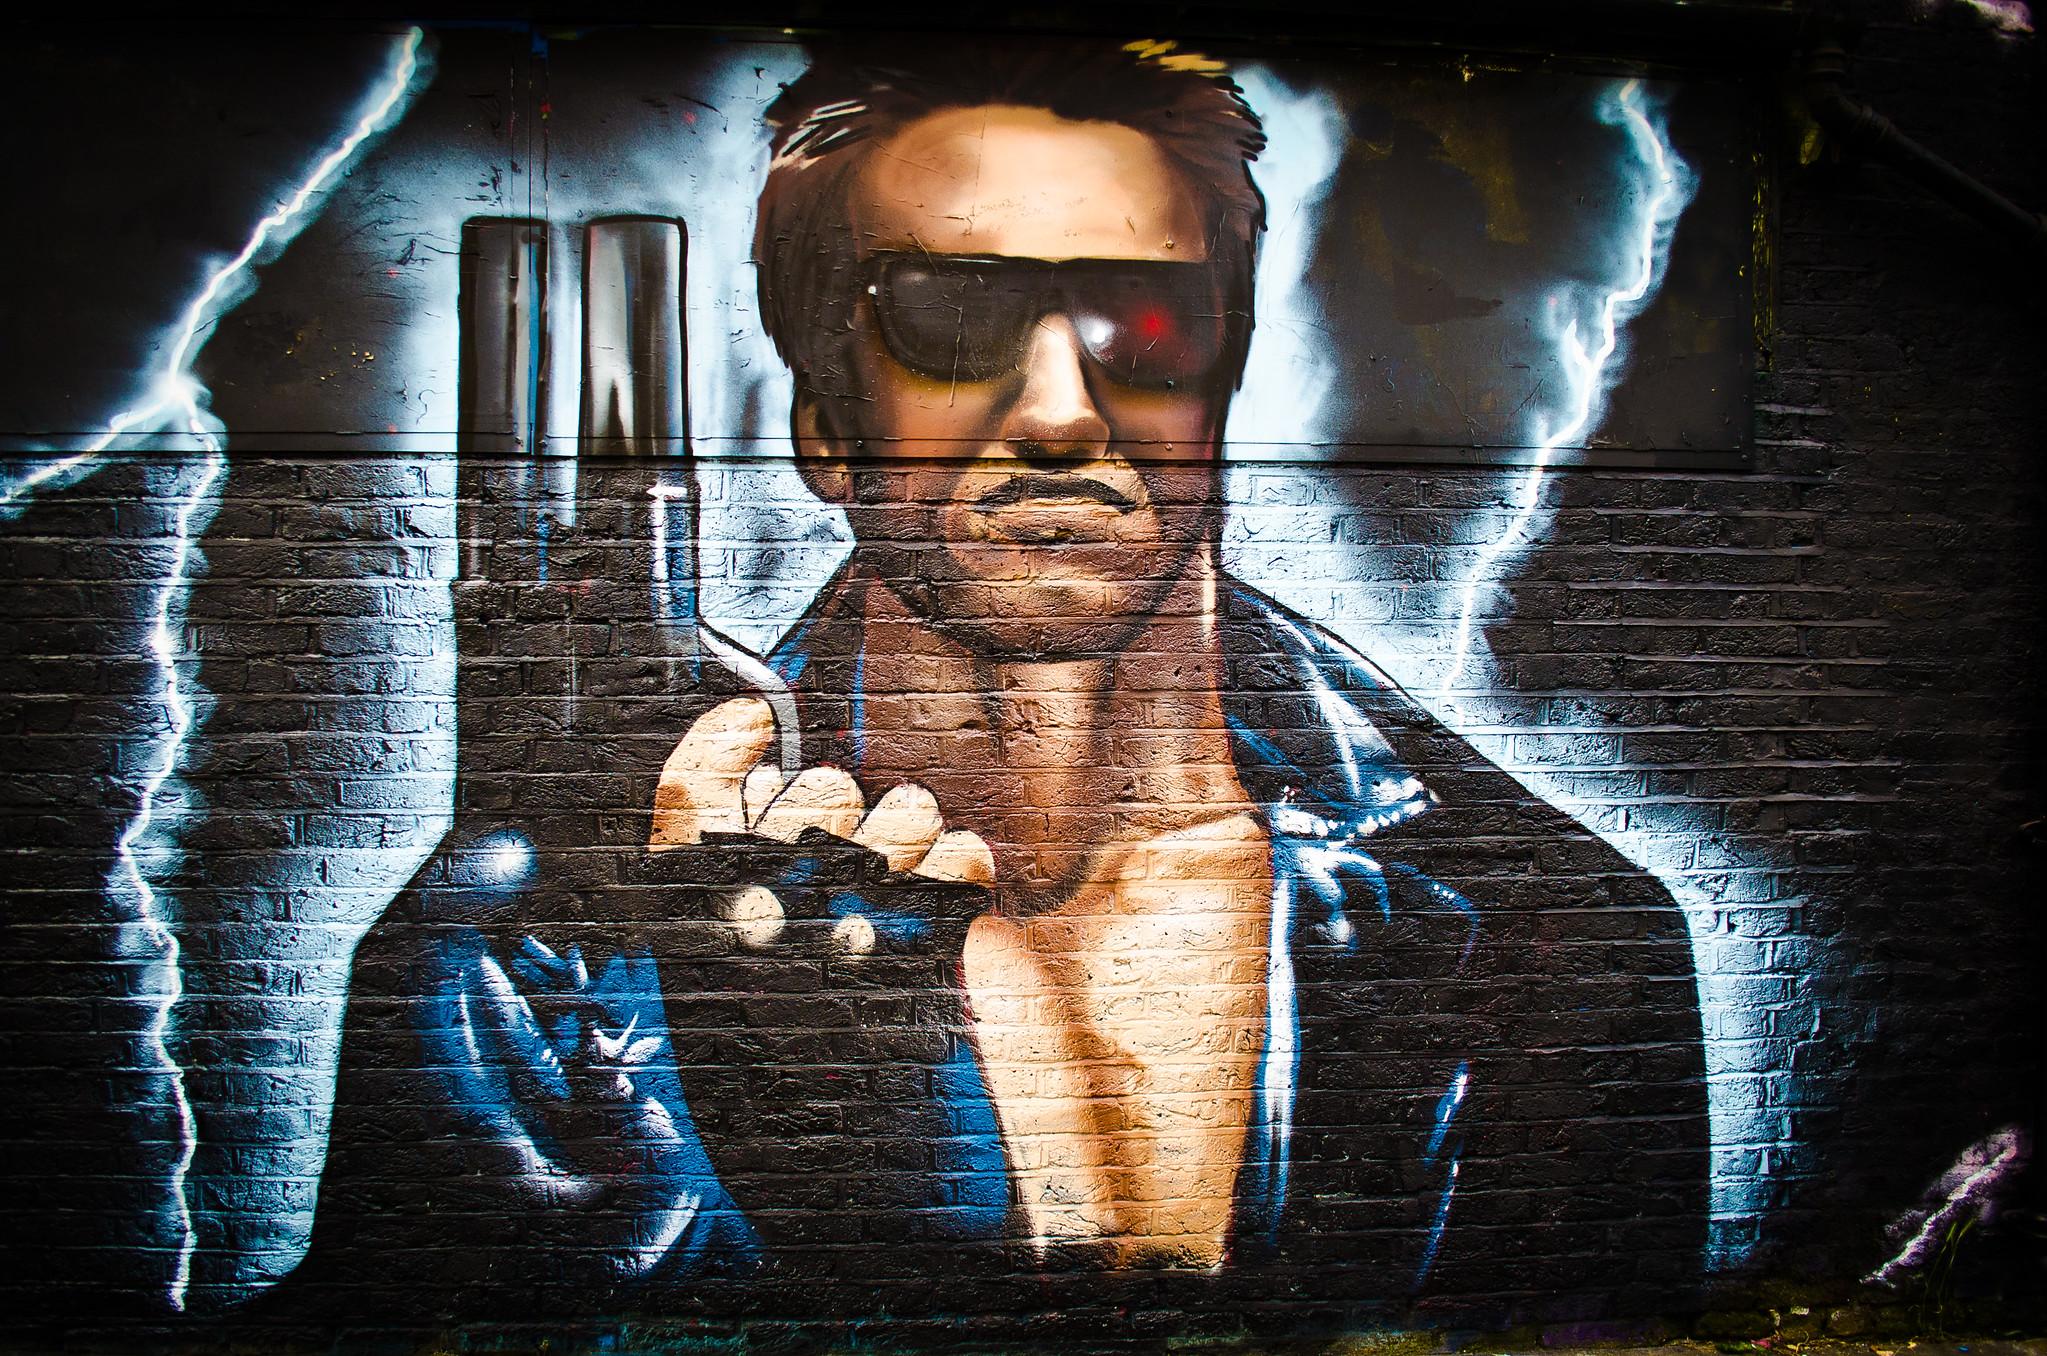 Terminator for President